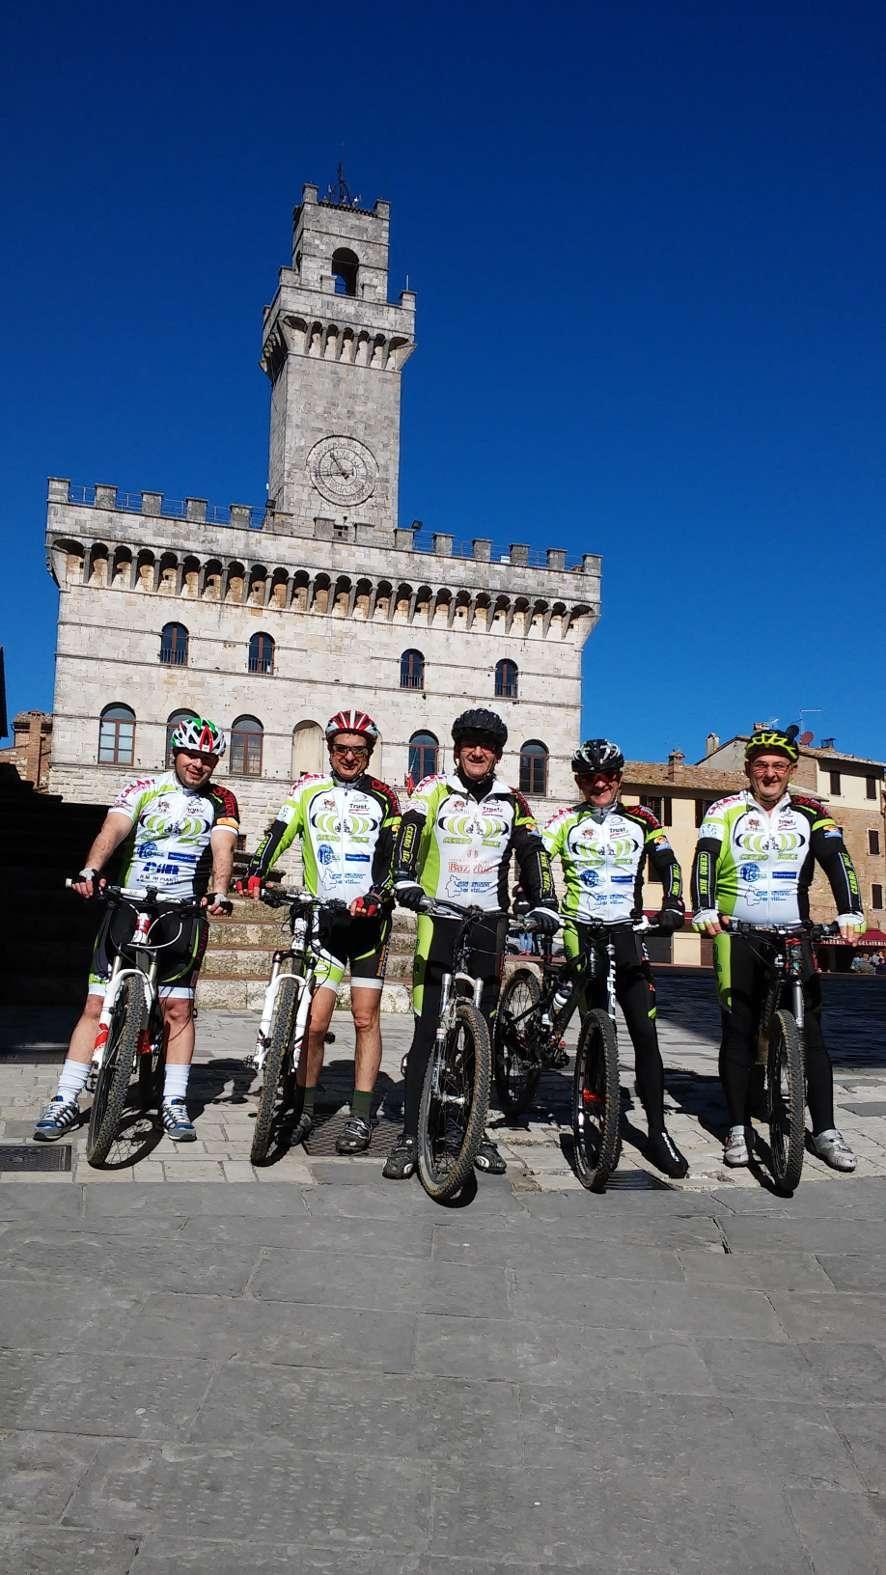 Il Campionato Nazionale UISP di Mountain Bike a Montepulciano